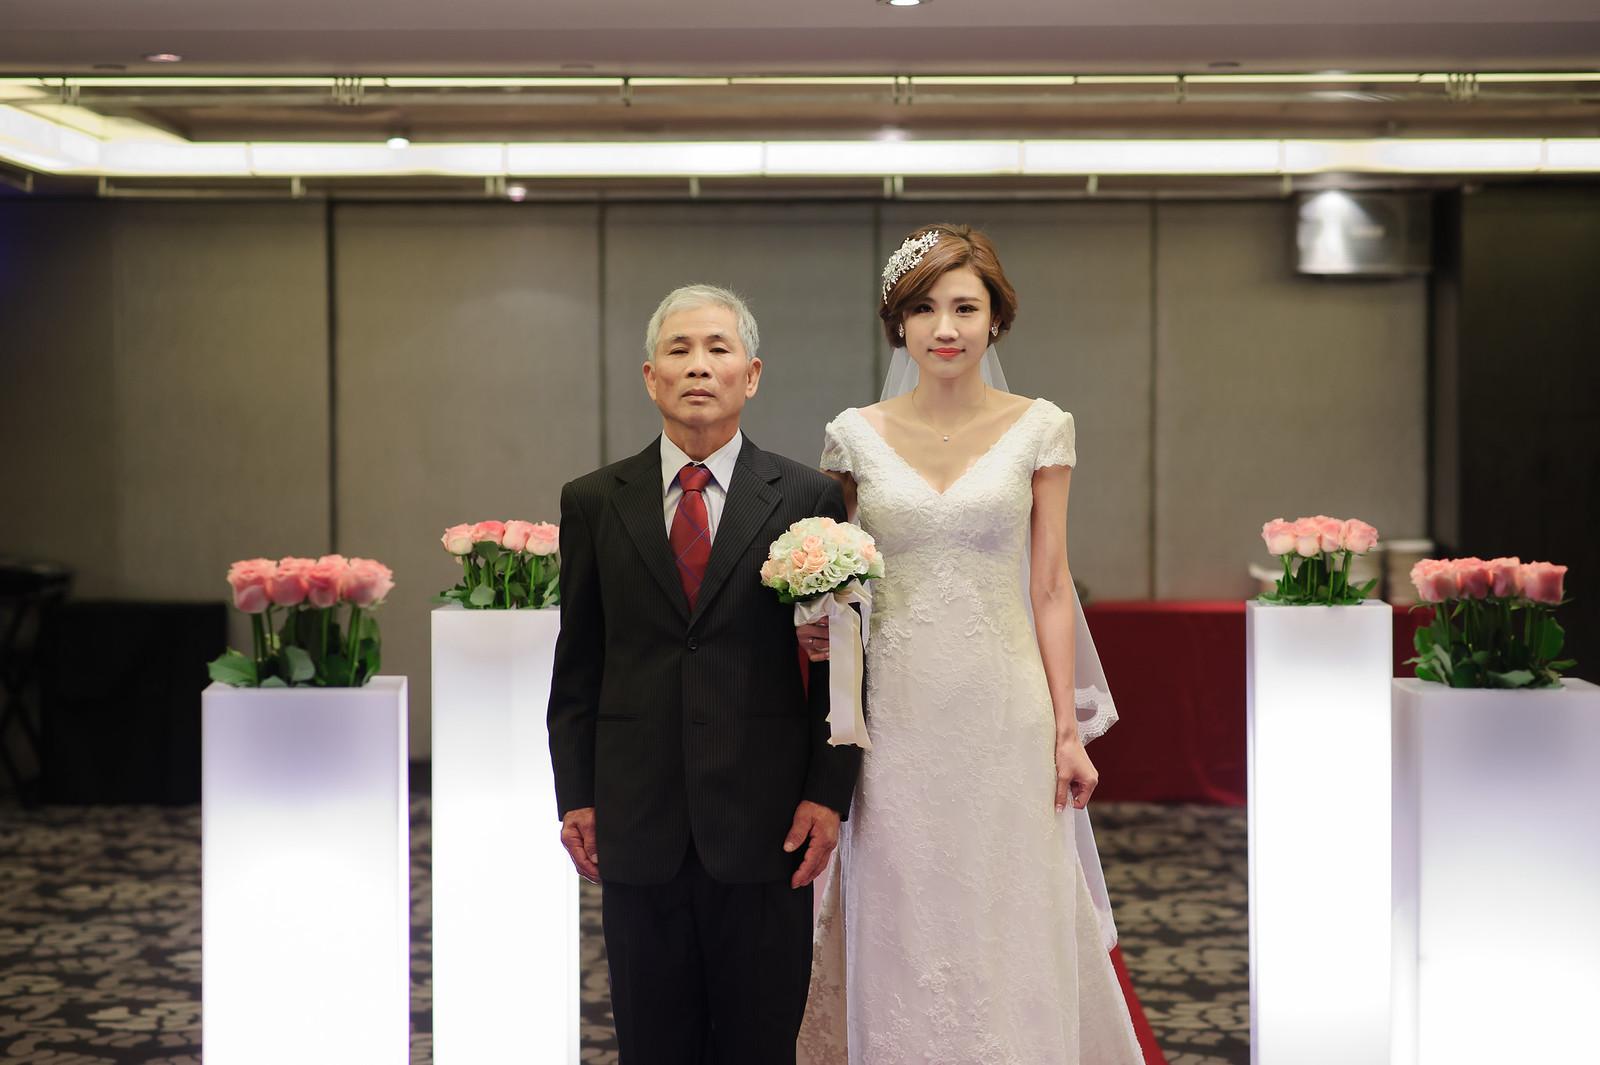 台北婚攝, 婚禮攝影, 婚攝, 婚攝守恆, 婚攝推薦, 晶華酒店, 晶華酒店婚宴, 晶華酒店婚攝-28